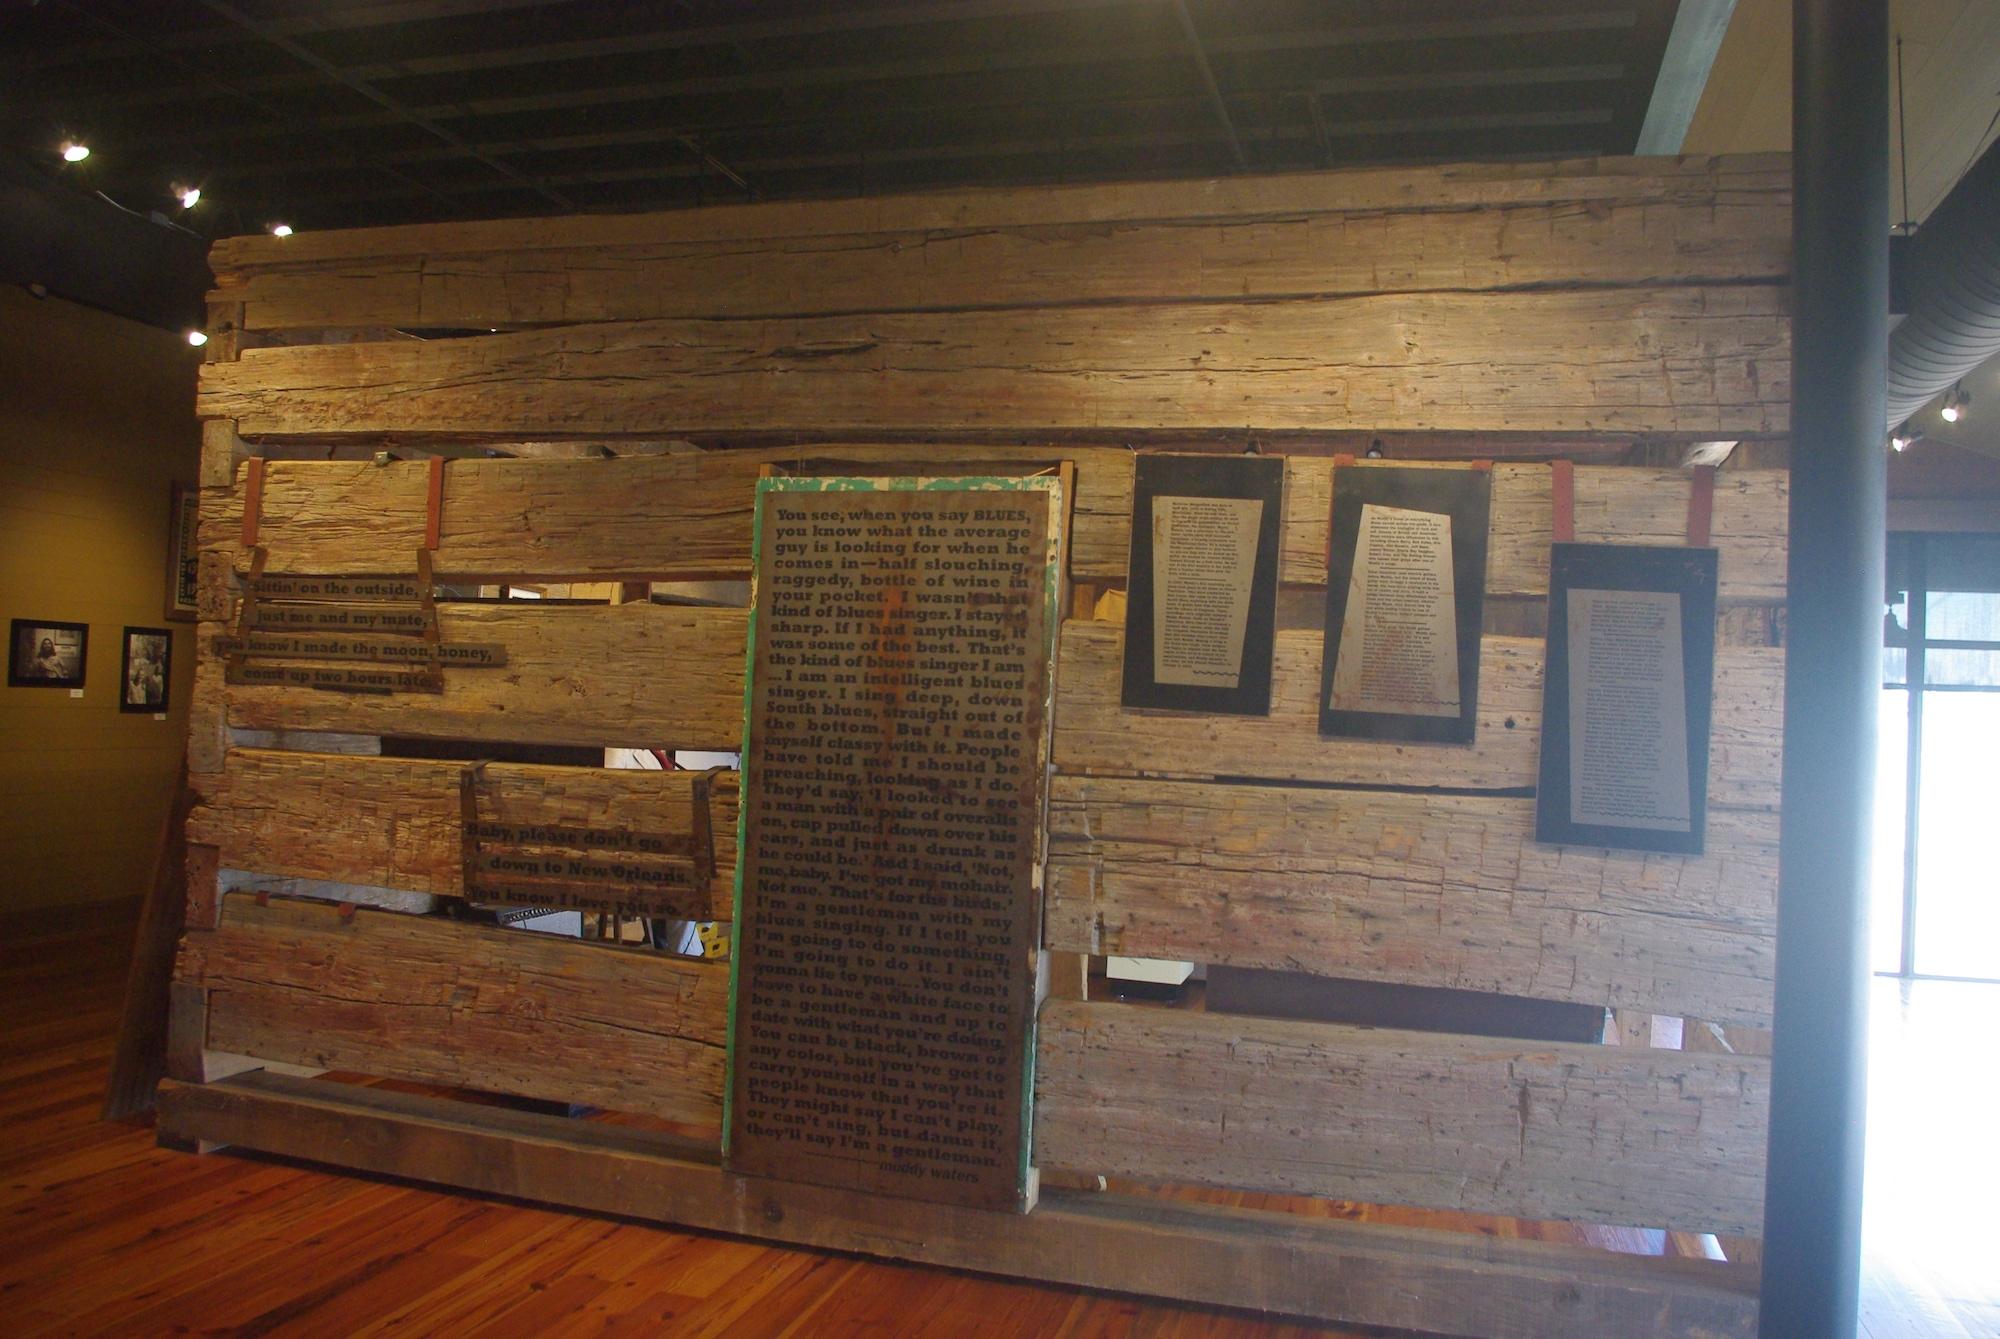 La pièce maitresse du musée, la cabane dans lequel a vécu Muddy Waters